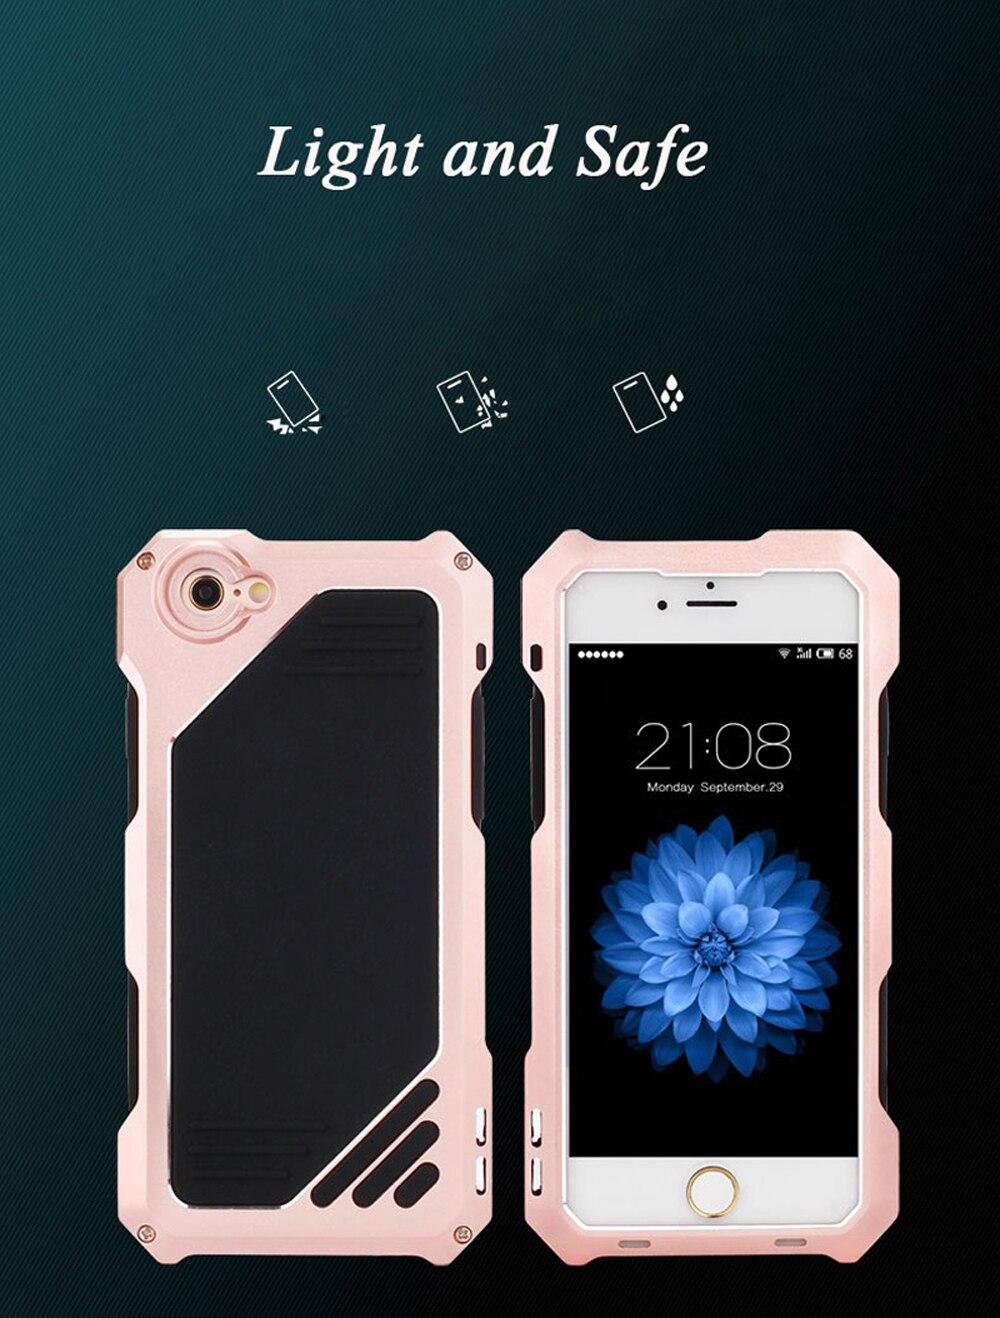 SA92-Dirt-Shock-Waterproof-Metal-Alluminum-Alloy-Phone-Case-For-iPhone-6-6s-Plus-+-Wide-Angle-Lens-Fisheye-Lens-Macro-Lens- (25)